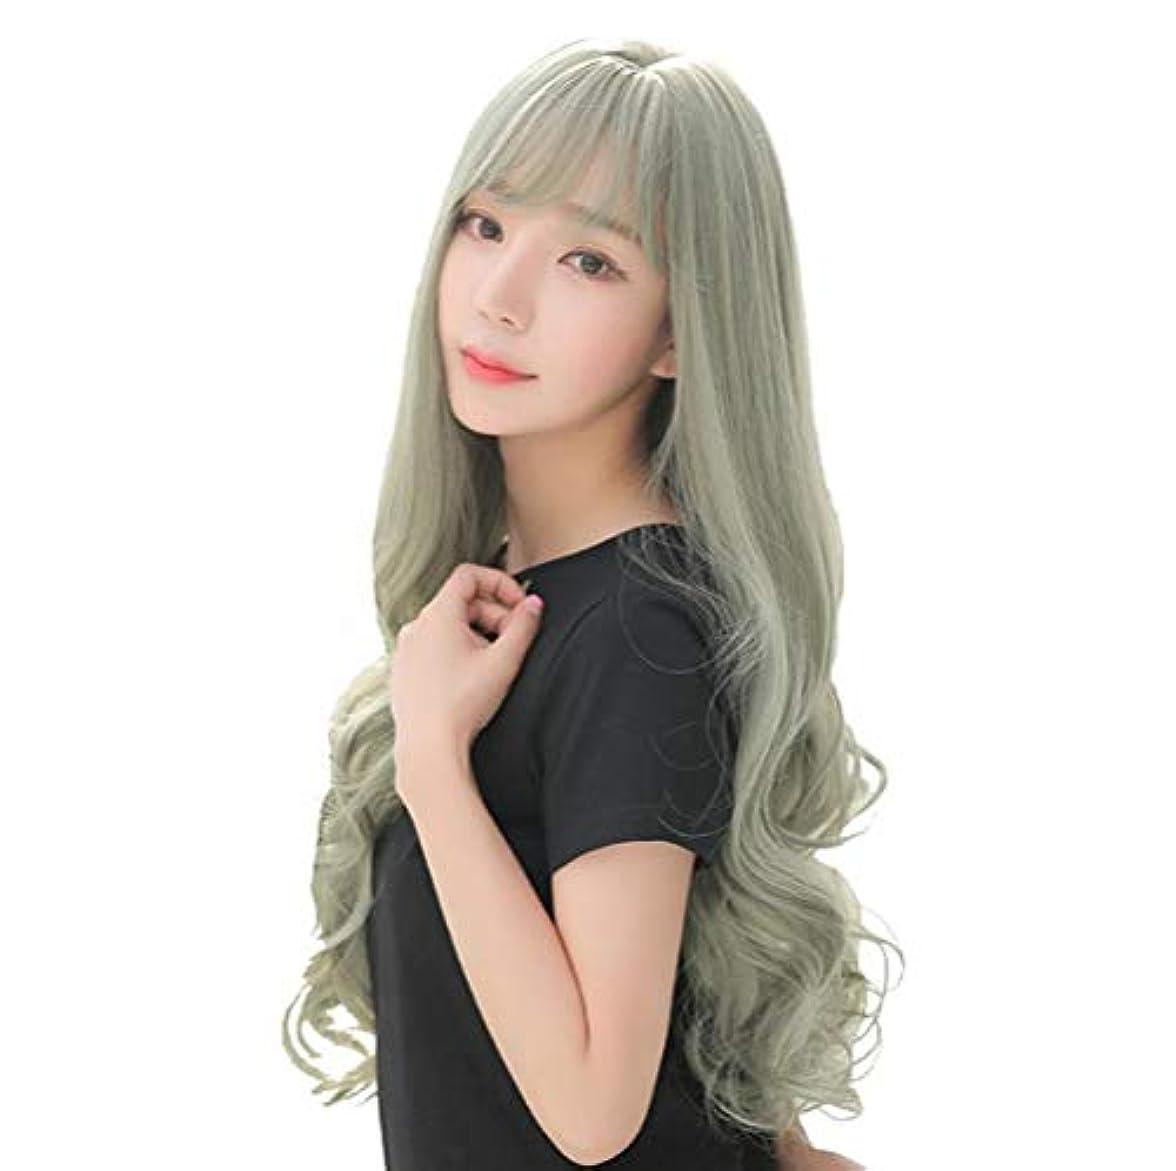 クリークセメント悲しいかつら女性アッシュグリーン高温シルク長い巻き毛ビッグウェーブ空気前髪 LH2203 (アッシュグリーン)